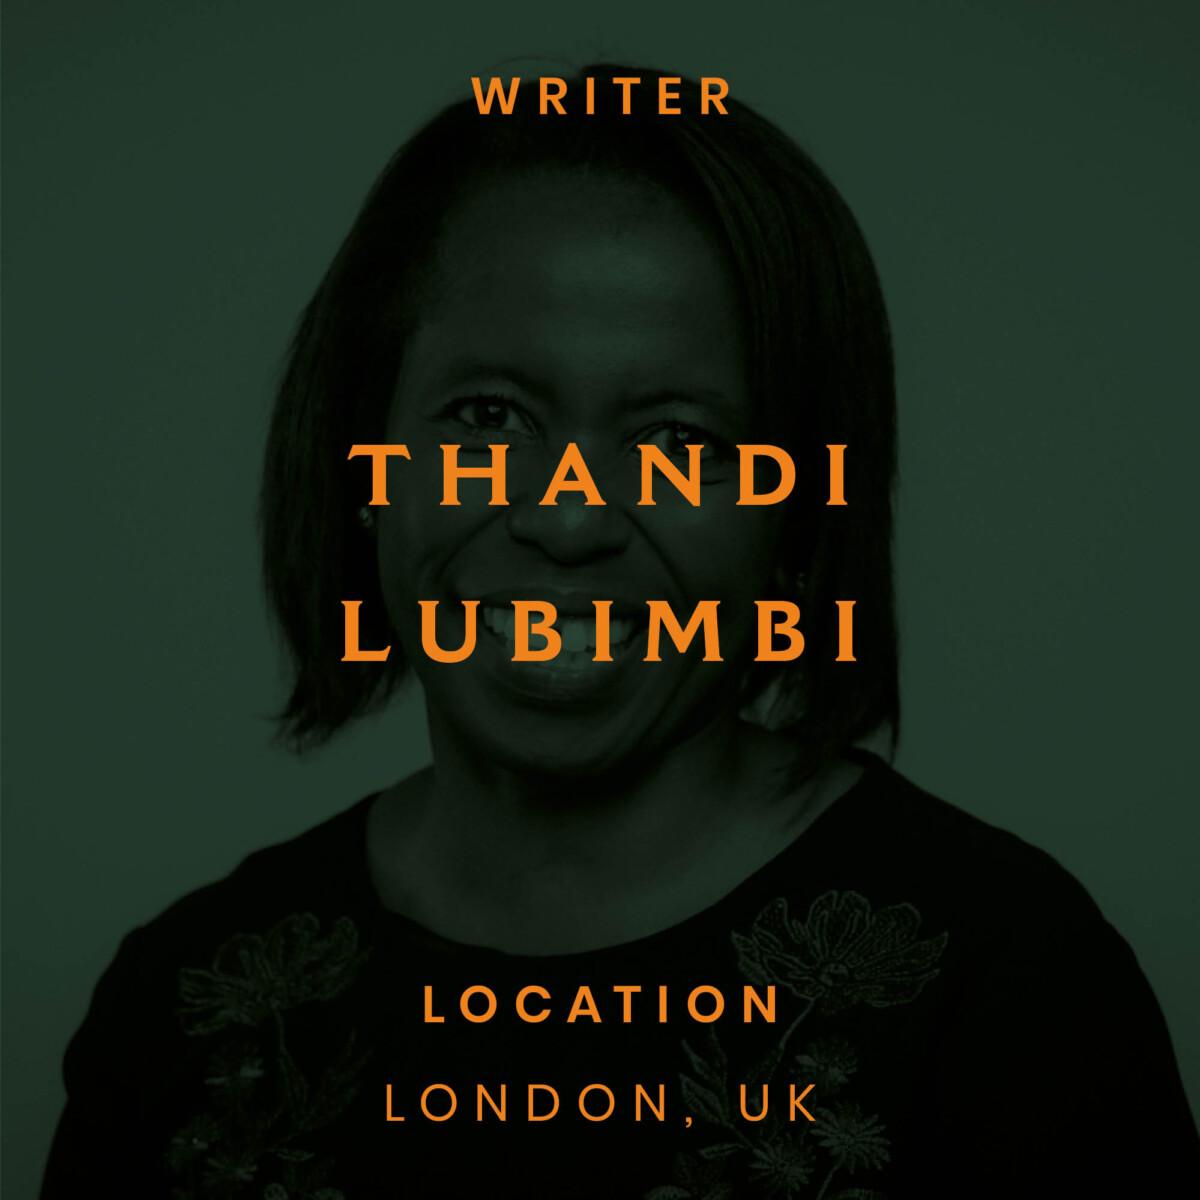 Thandi, Lubimbi, London, barrister, writer